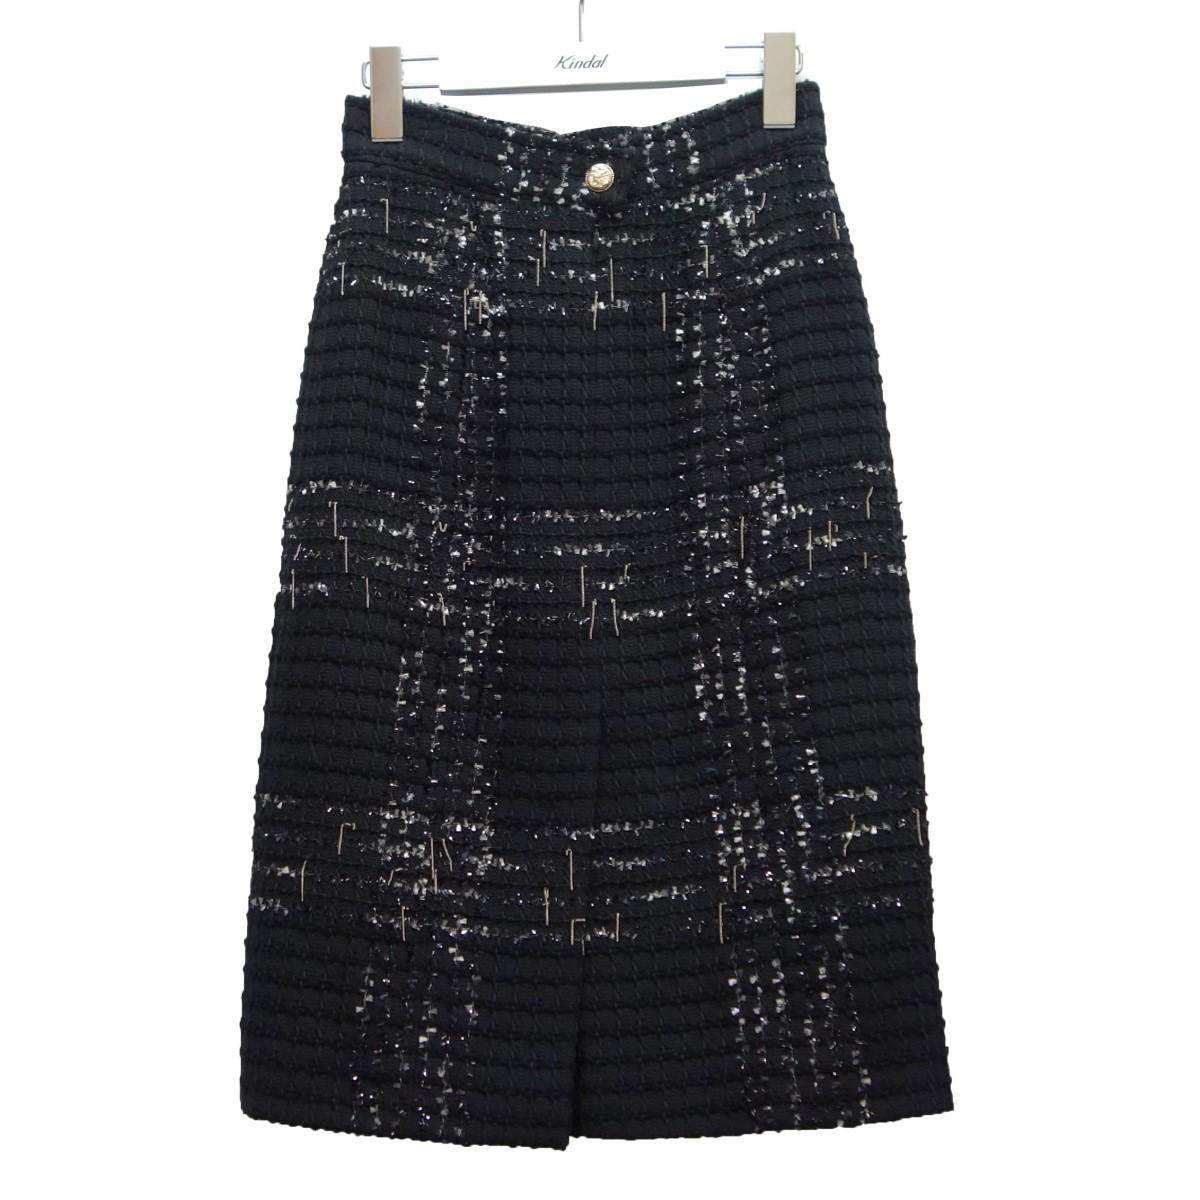 【クーポン対象外】 【】CHANEL ブラック チェーン装飾ツイードスカート【091020】(シャネル) ブラック サイズ:34【091020 サイズ:34】(シャネル), nisky:8e1a26ad --- delipanzapatoca.com